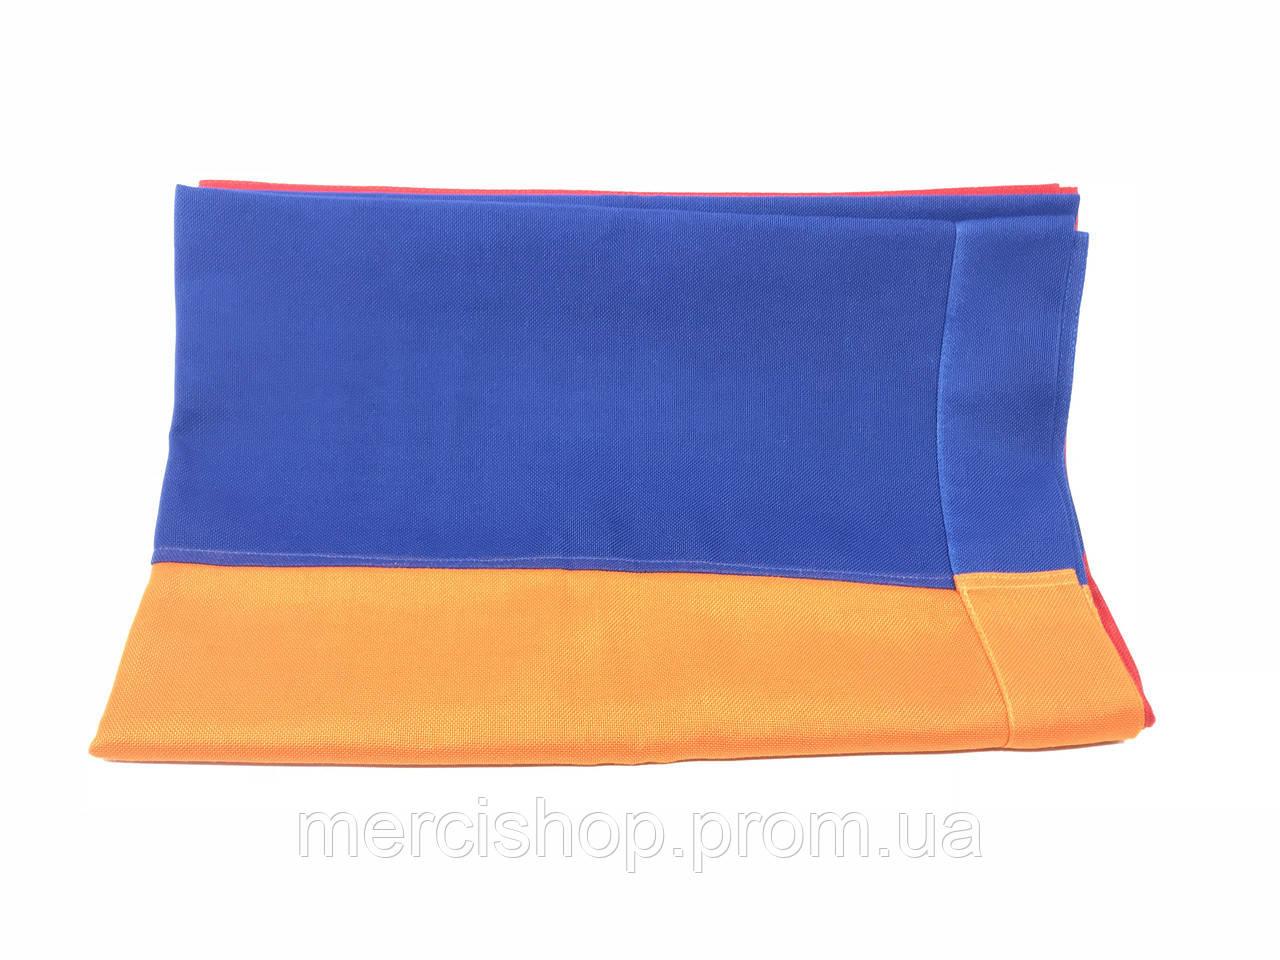 Флаг Армении - (1м*1.5м)